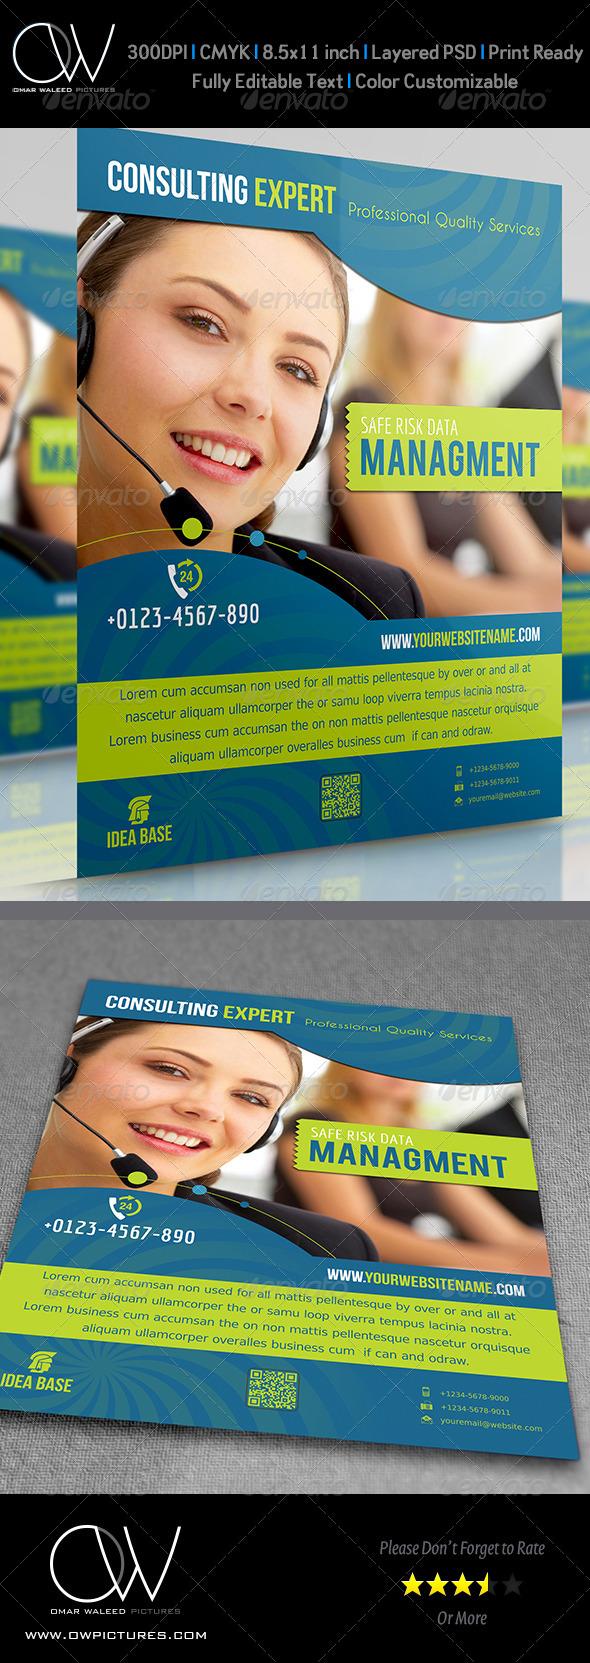 GraphicRiver Corporate Flyer Vol.2 3981239